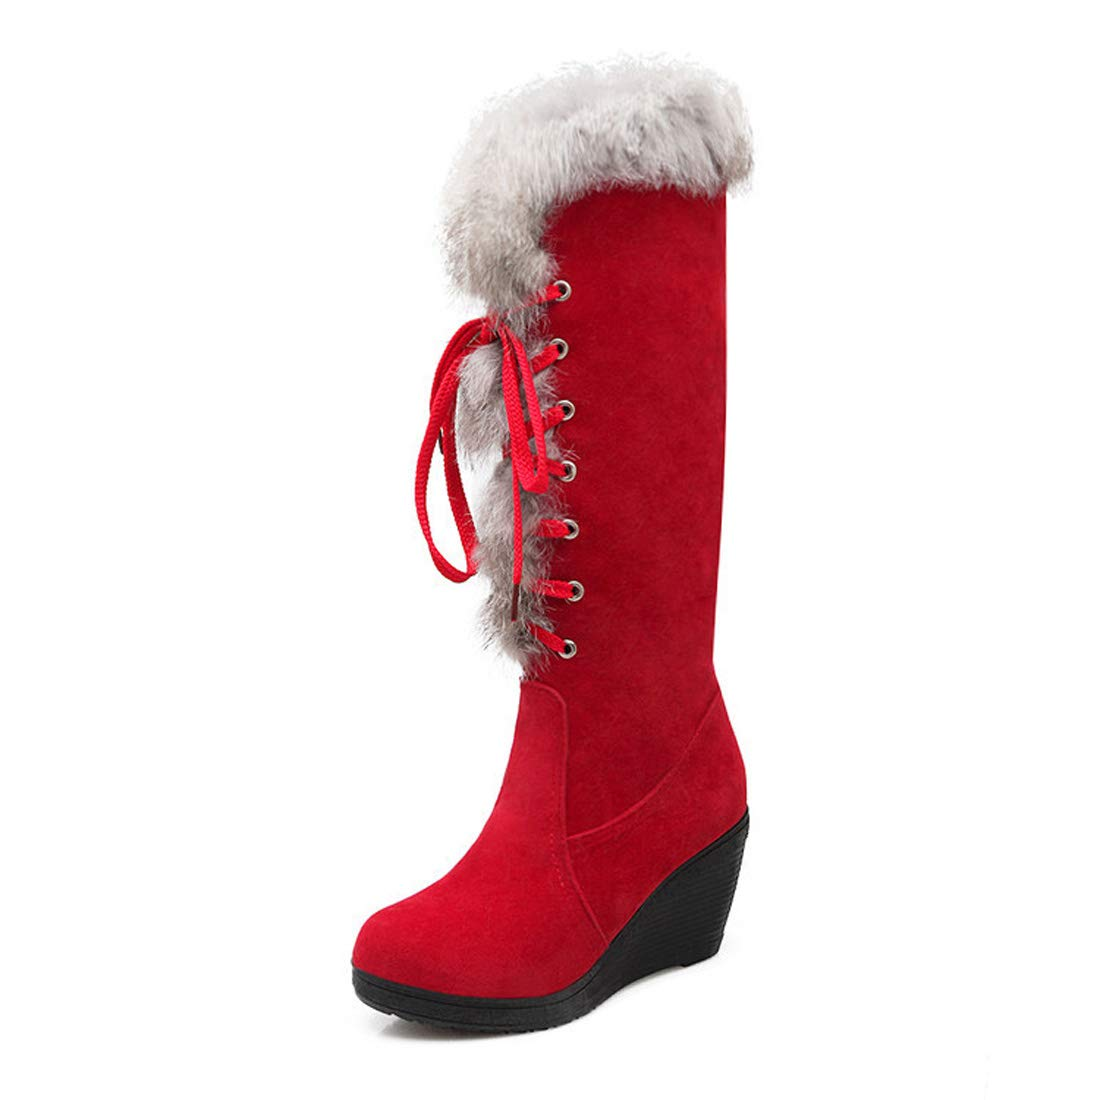 DANDANJIE Damen Kniehohe Stiefel Keilabsatz Fashion Lace-up Fashion Keilabsatz Stiefel Schuhe für 2018 Herbst Winter d1c25e